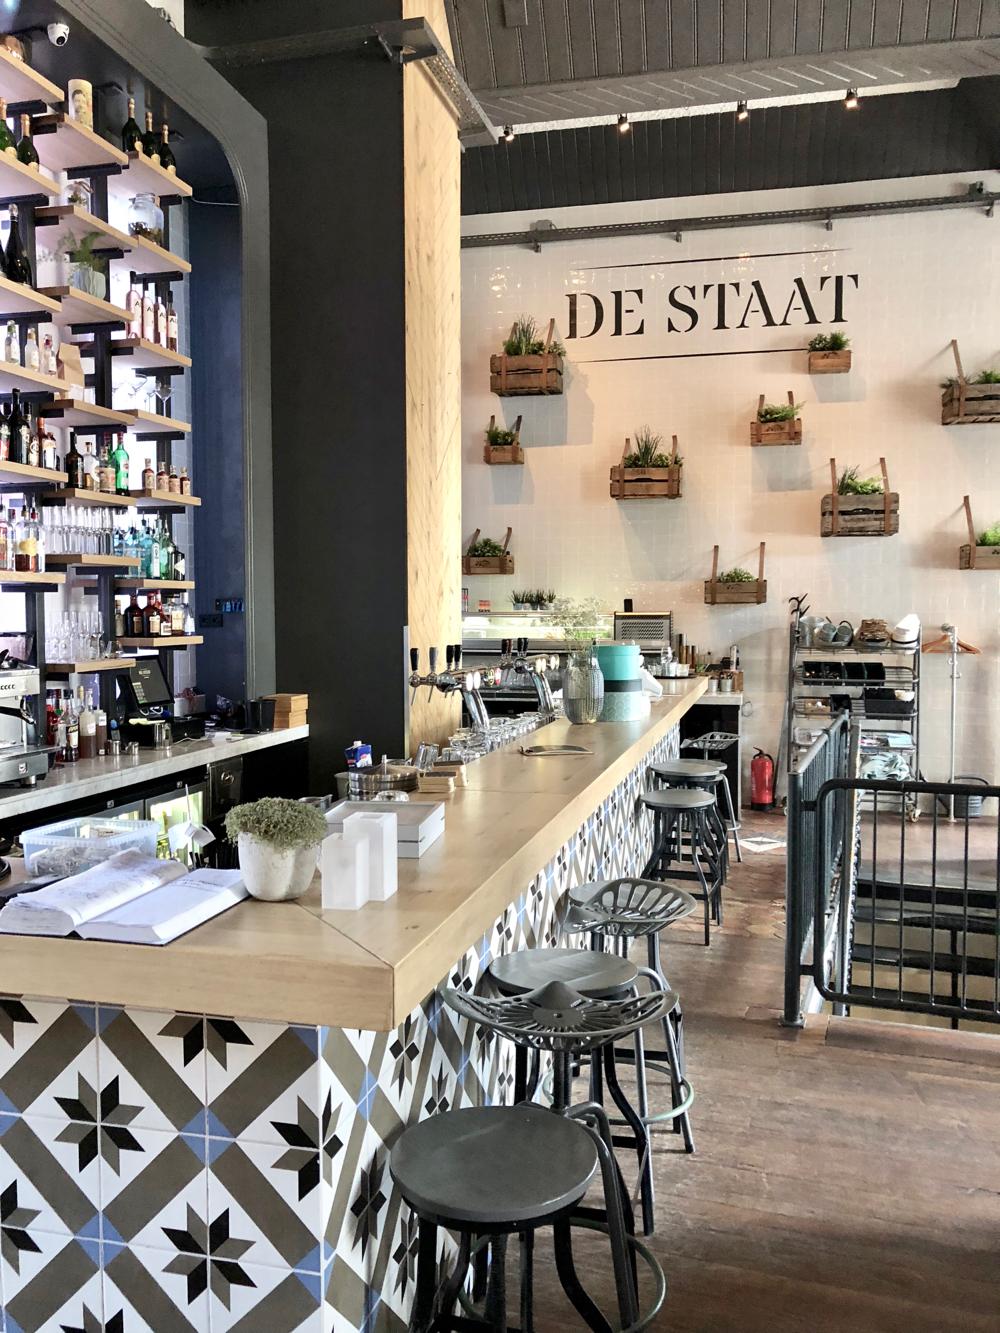 Bar met barkrukken en hoge wand met tegels bij De STAAT